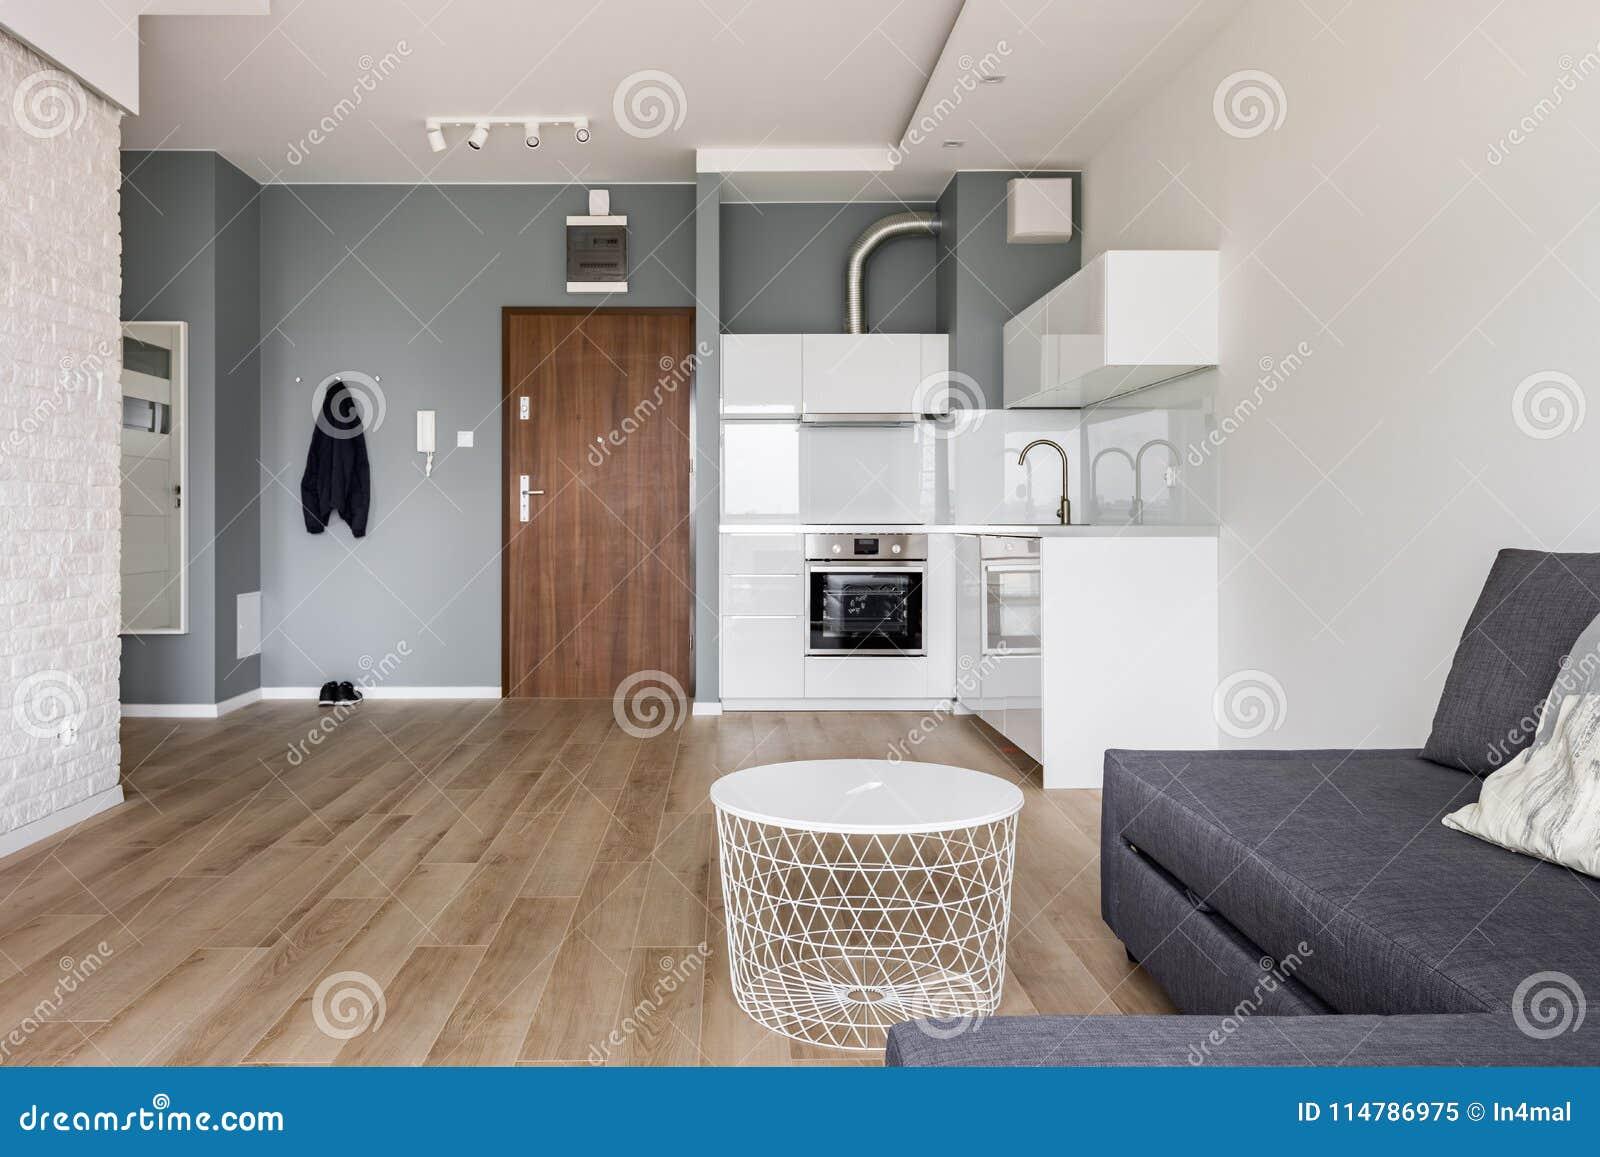 Studiolägenhet med litet kök